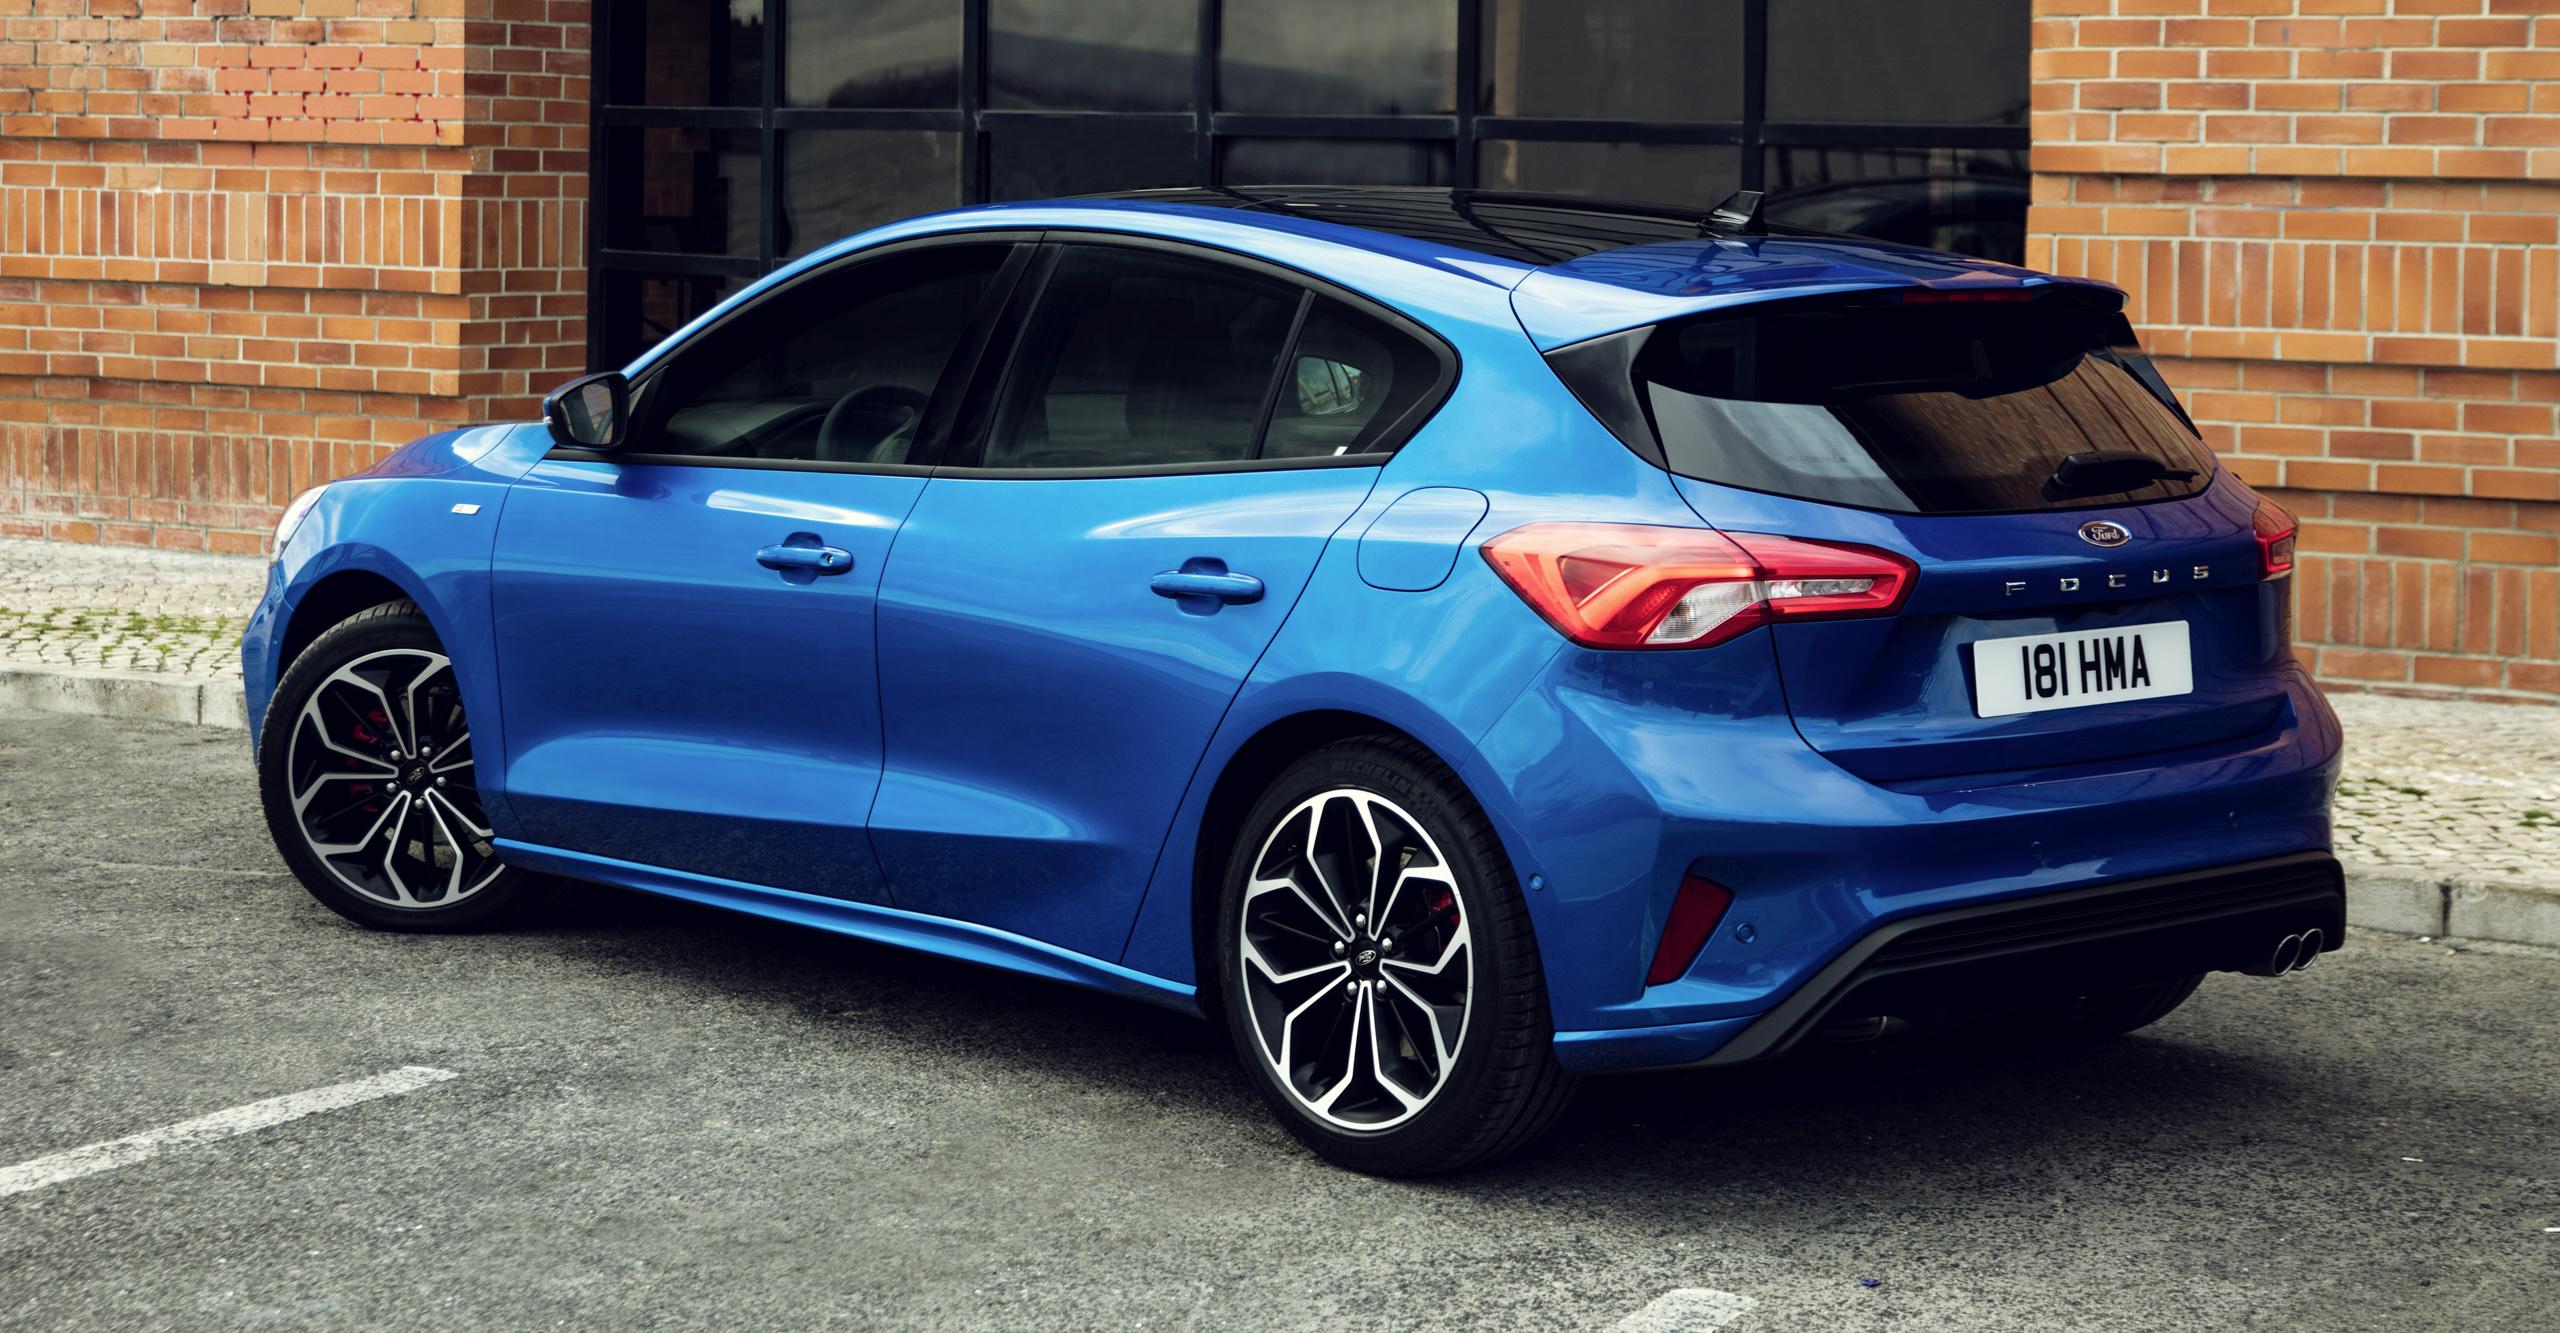 2019 Ford Focus Mk4 发表,新增跨界版车型、六种等级可选、EcoBoost / EcoBlue ...